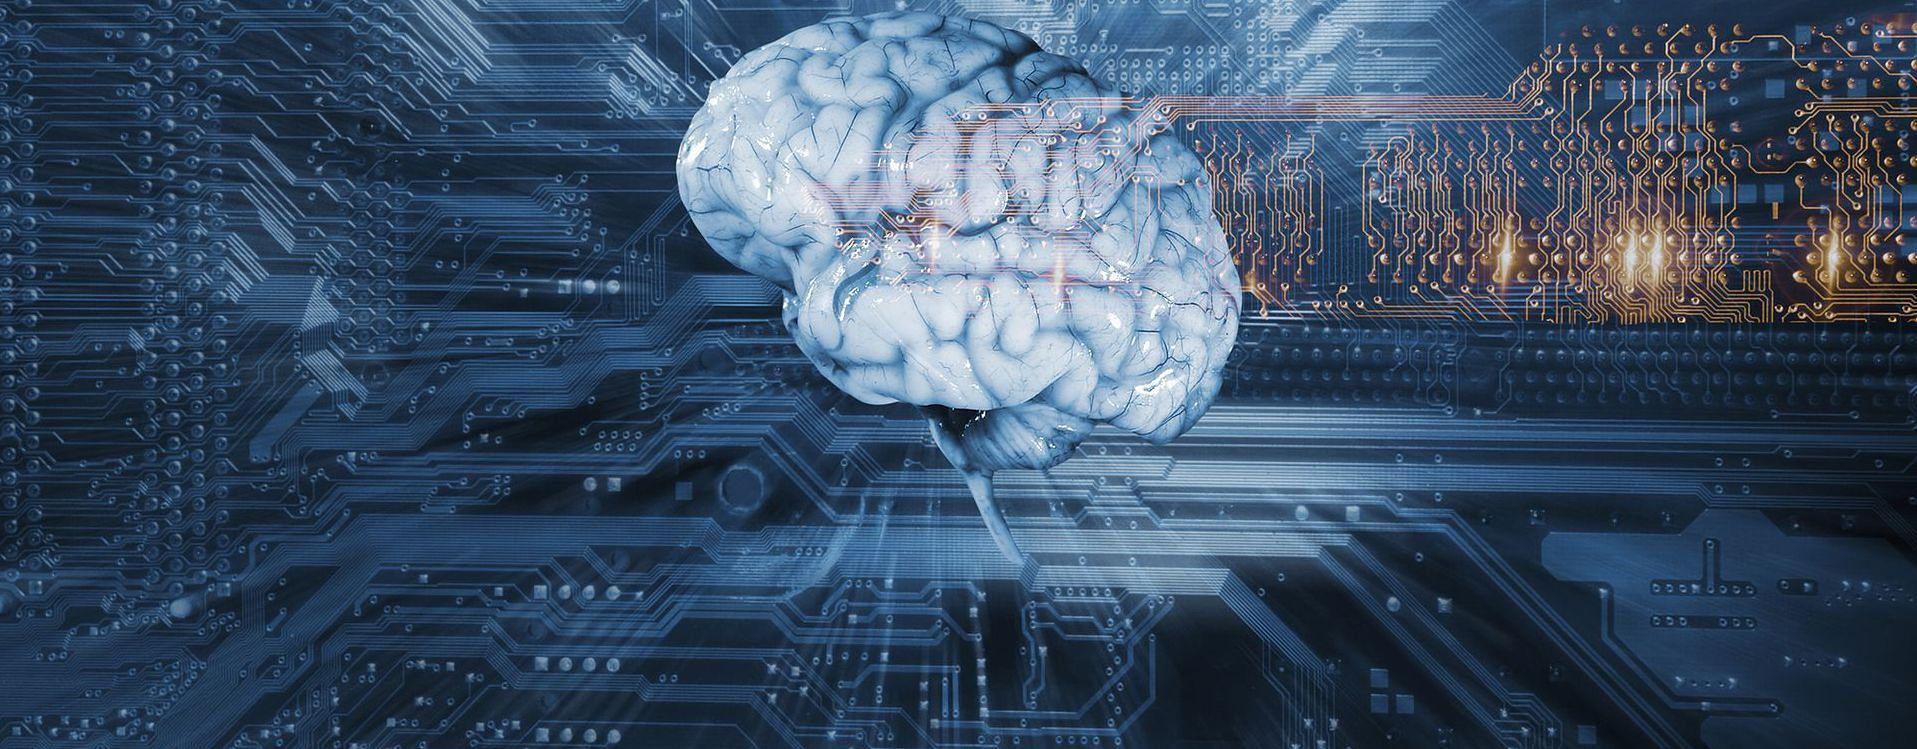 Zdjęcie mózgu pochodzi z serwisu Depositphotos